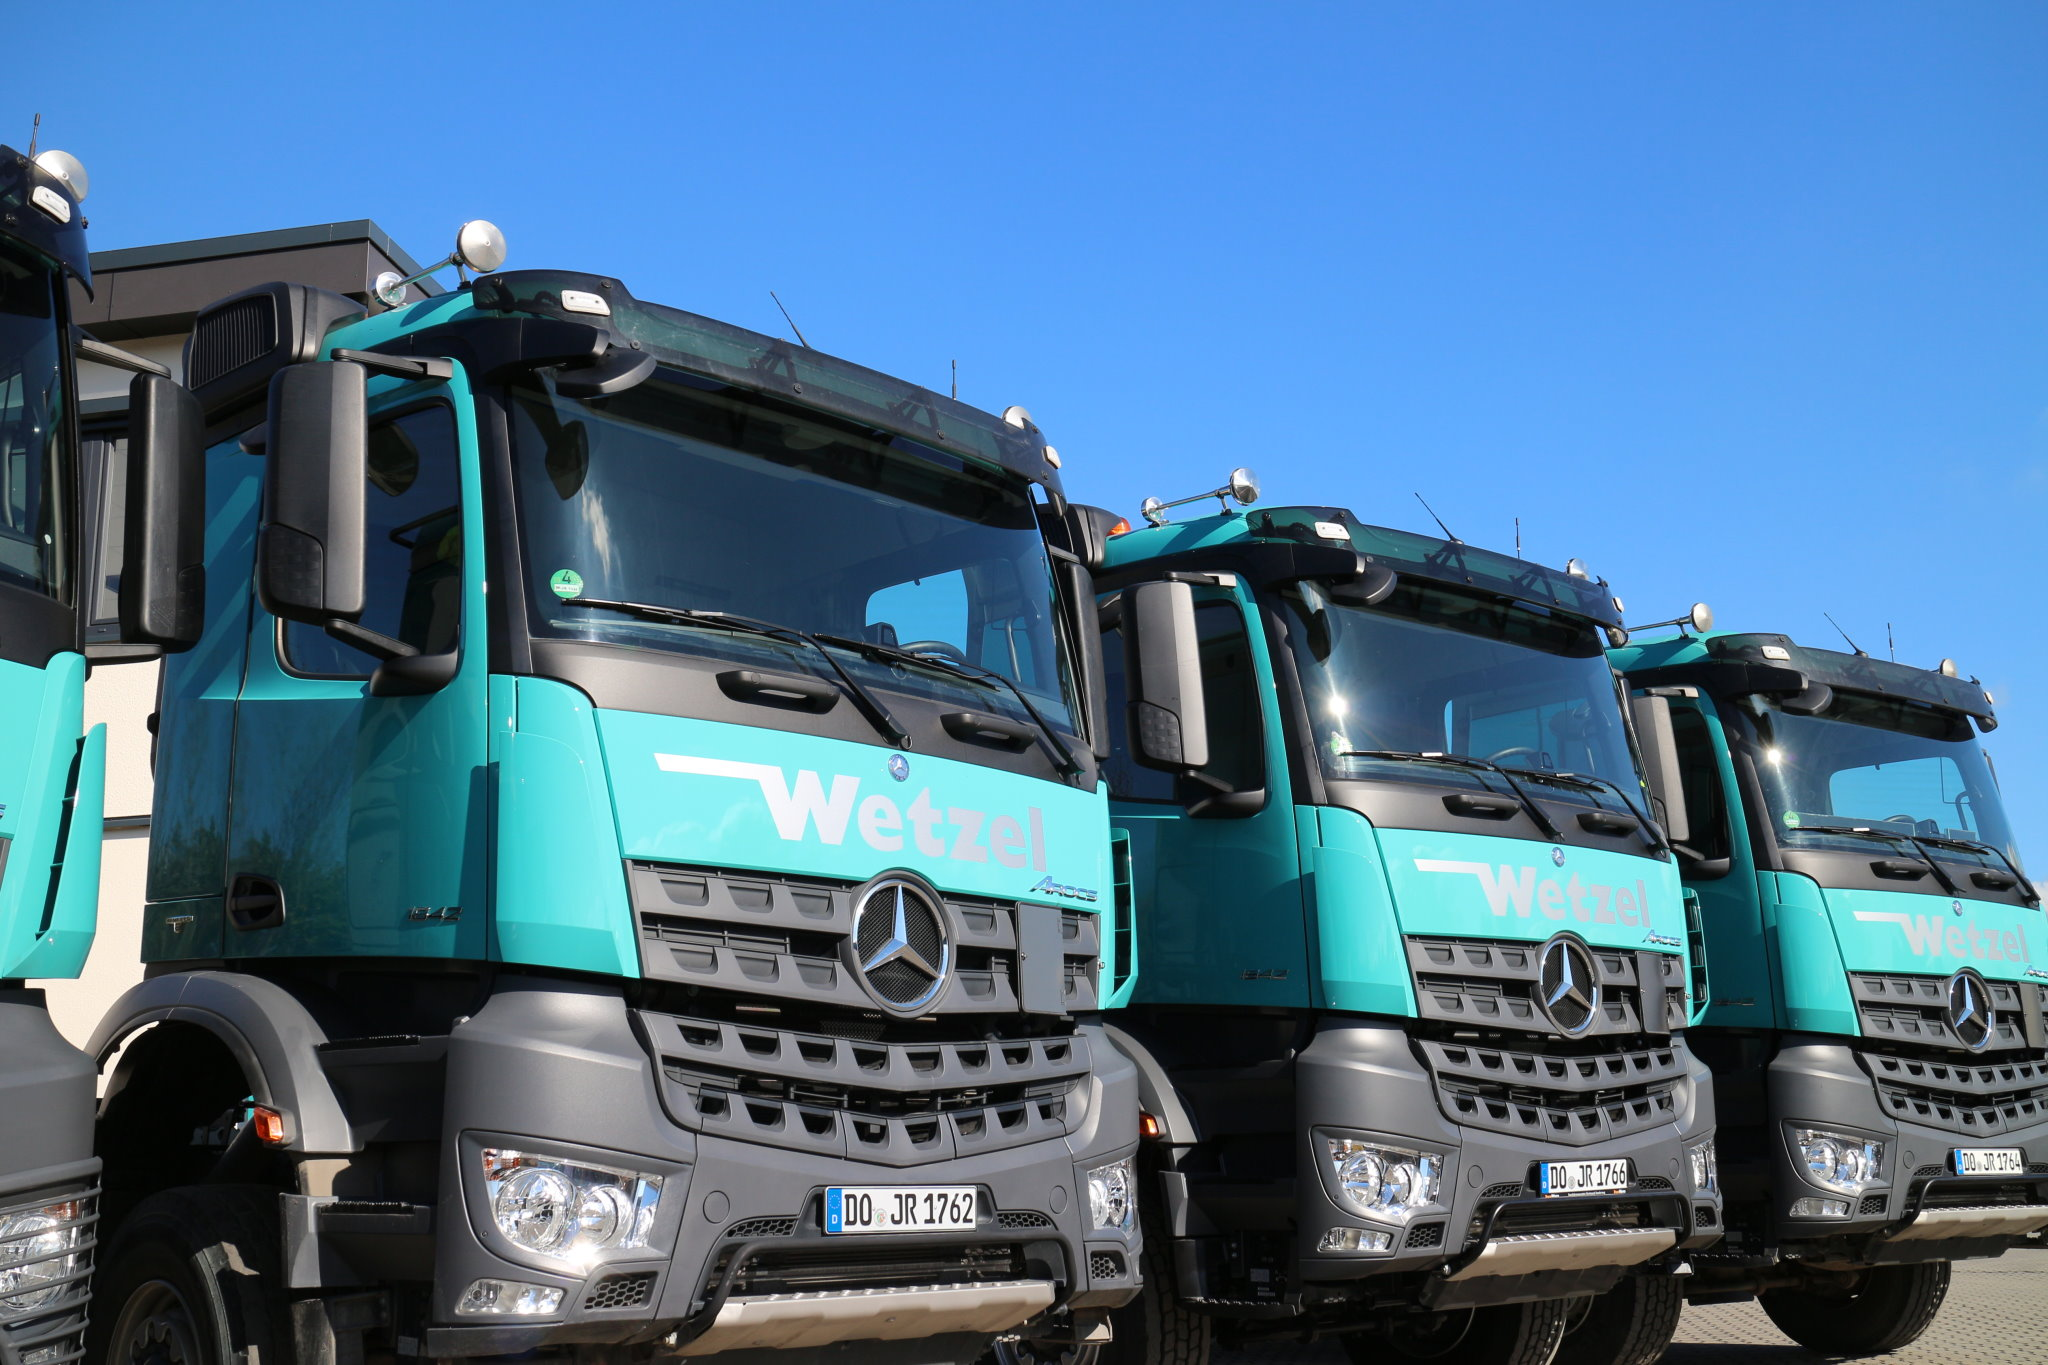 Wetzel Transporte GmbH Dortmund